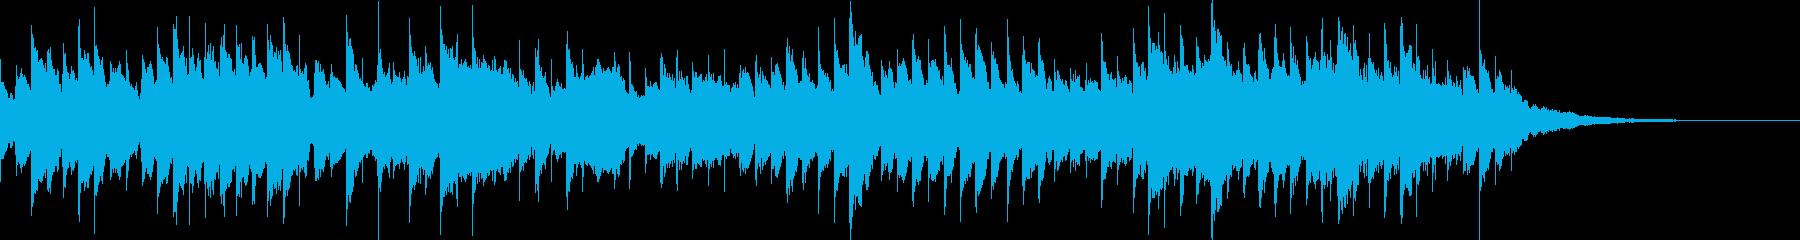 せつない雰囲気のオルゴールの再生済みの波形